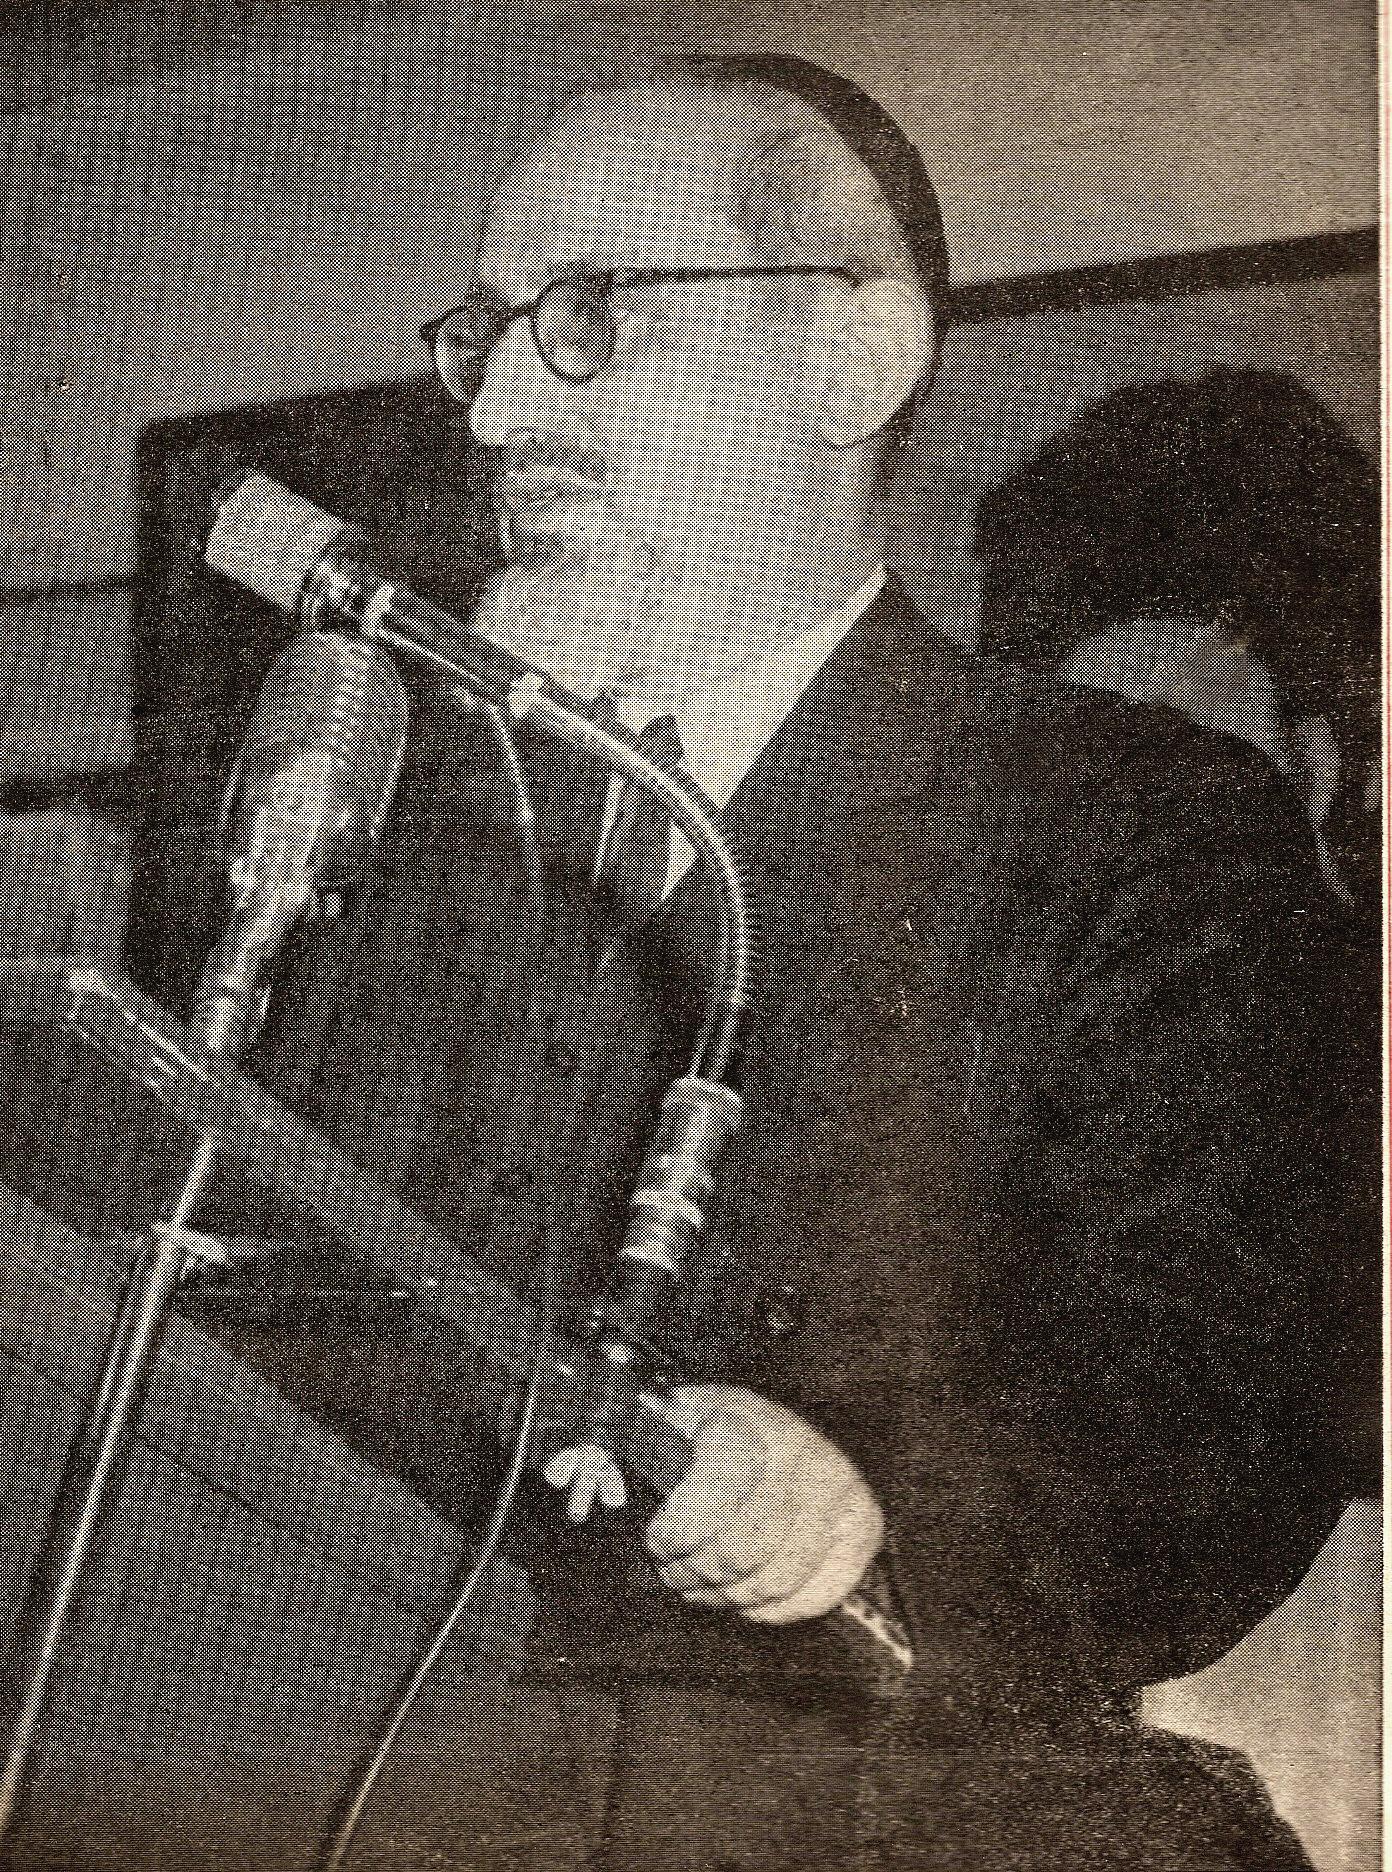 הרב יוסף דב סולובייצ'יק